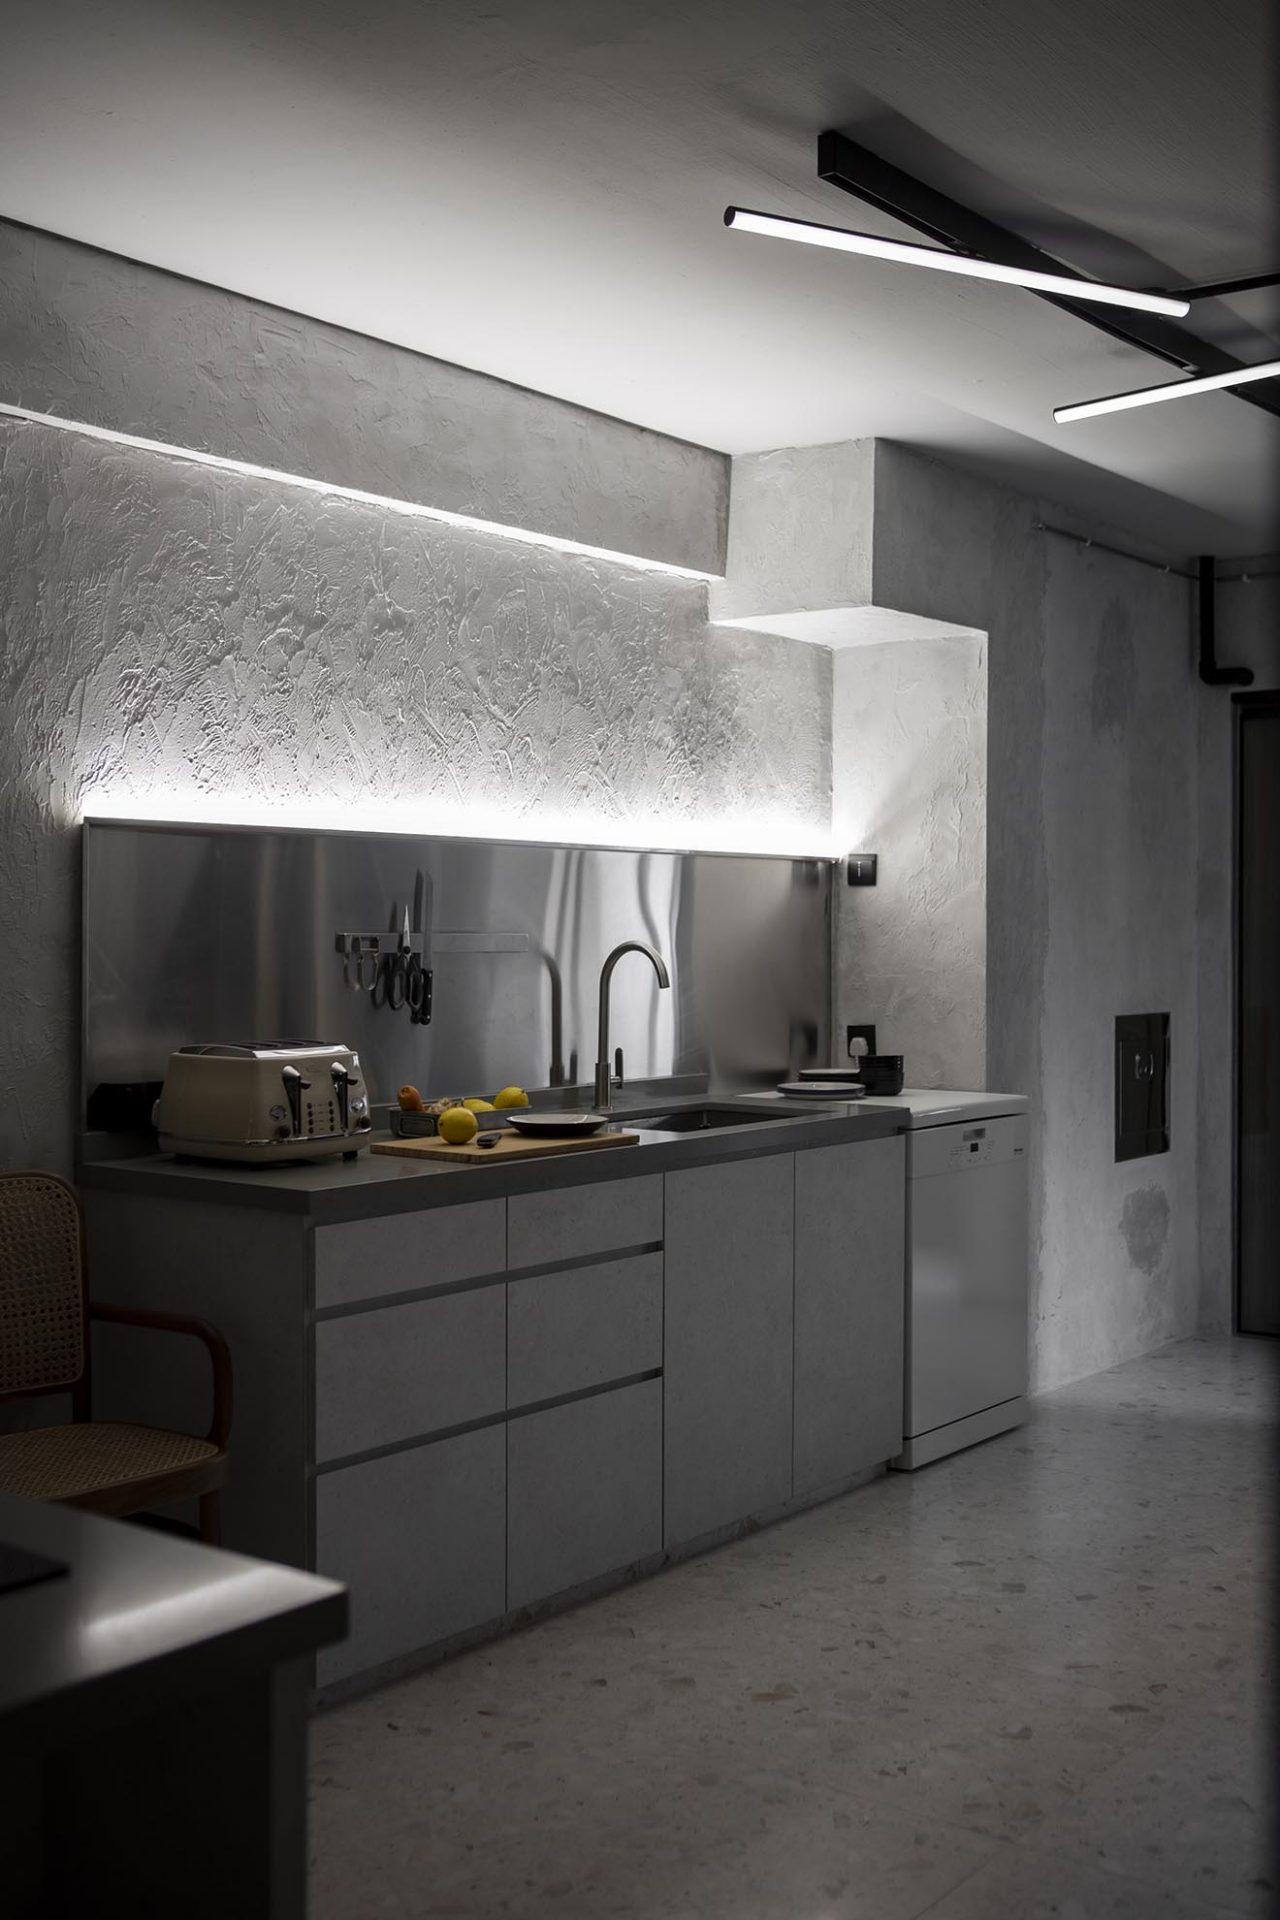 Serangoon Ave 2 kitchen